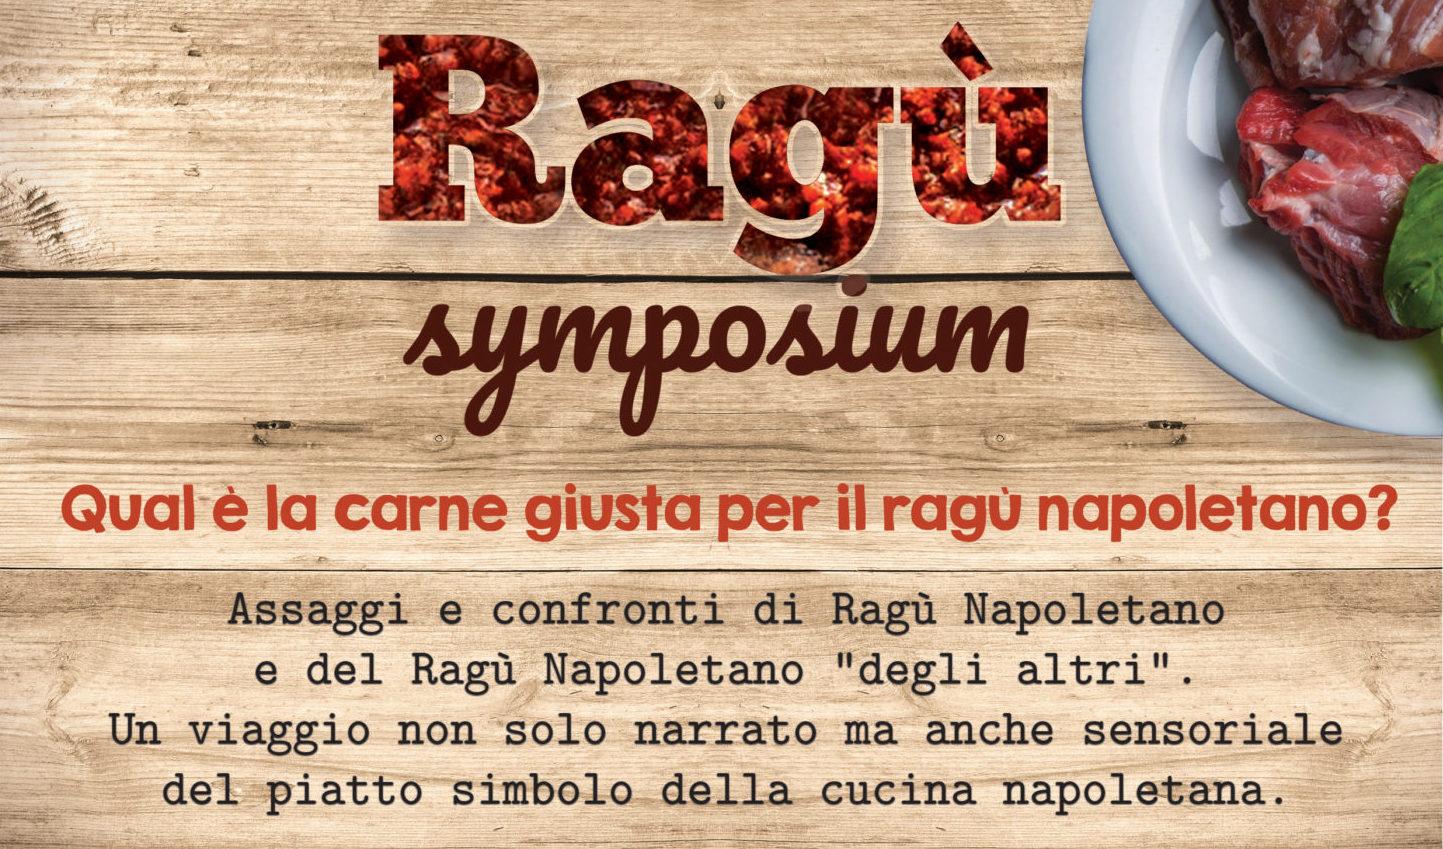 Ragù Symposium